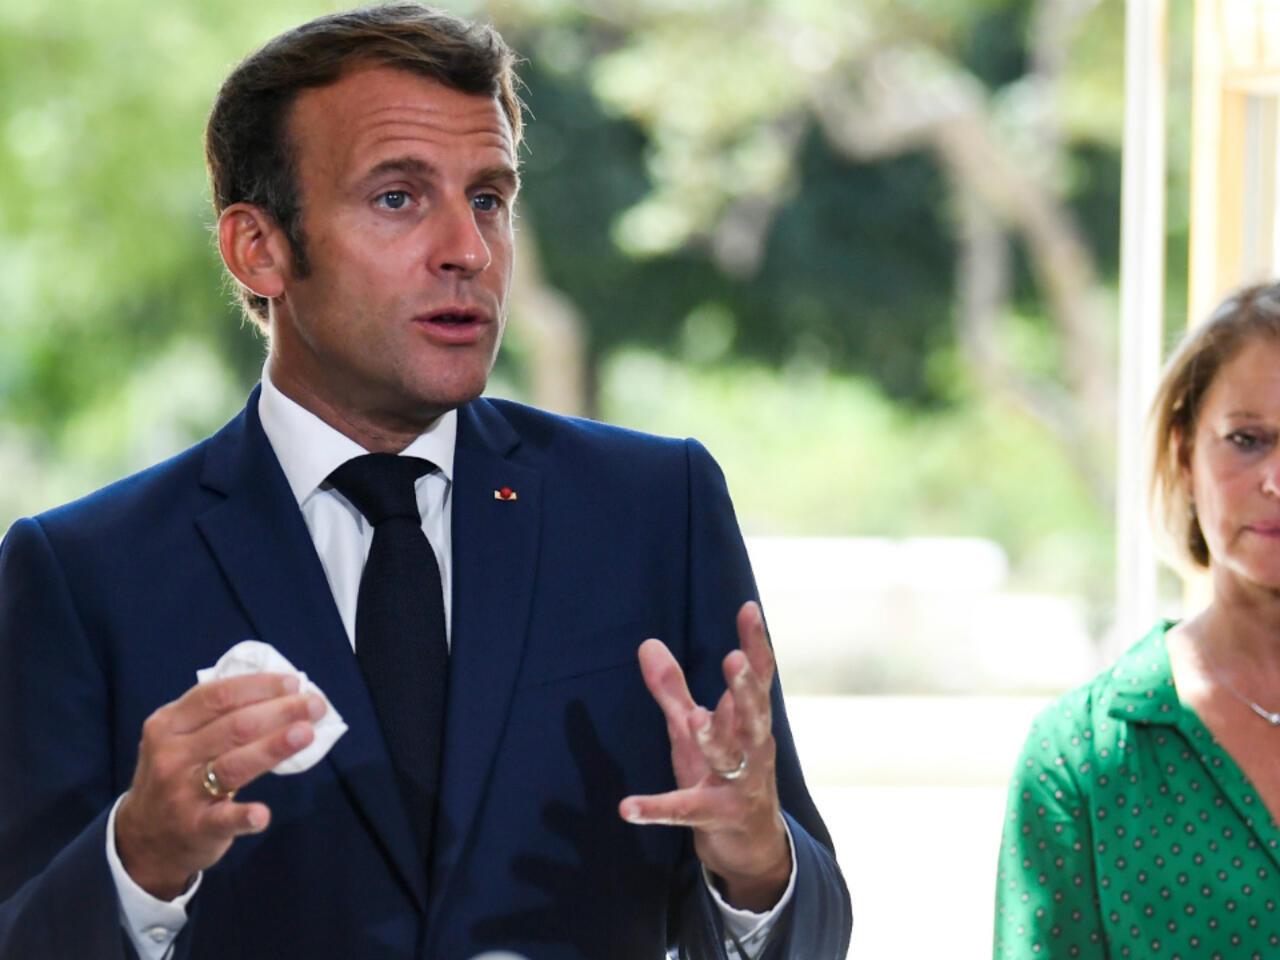 Emmanuel Macron veut étendre la prime Covid aux aides à domicile